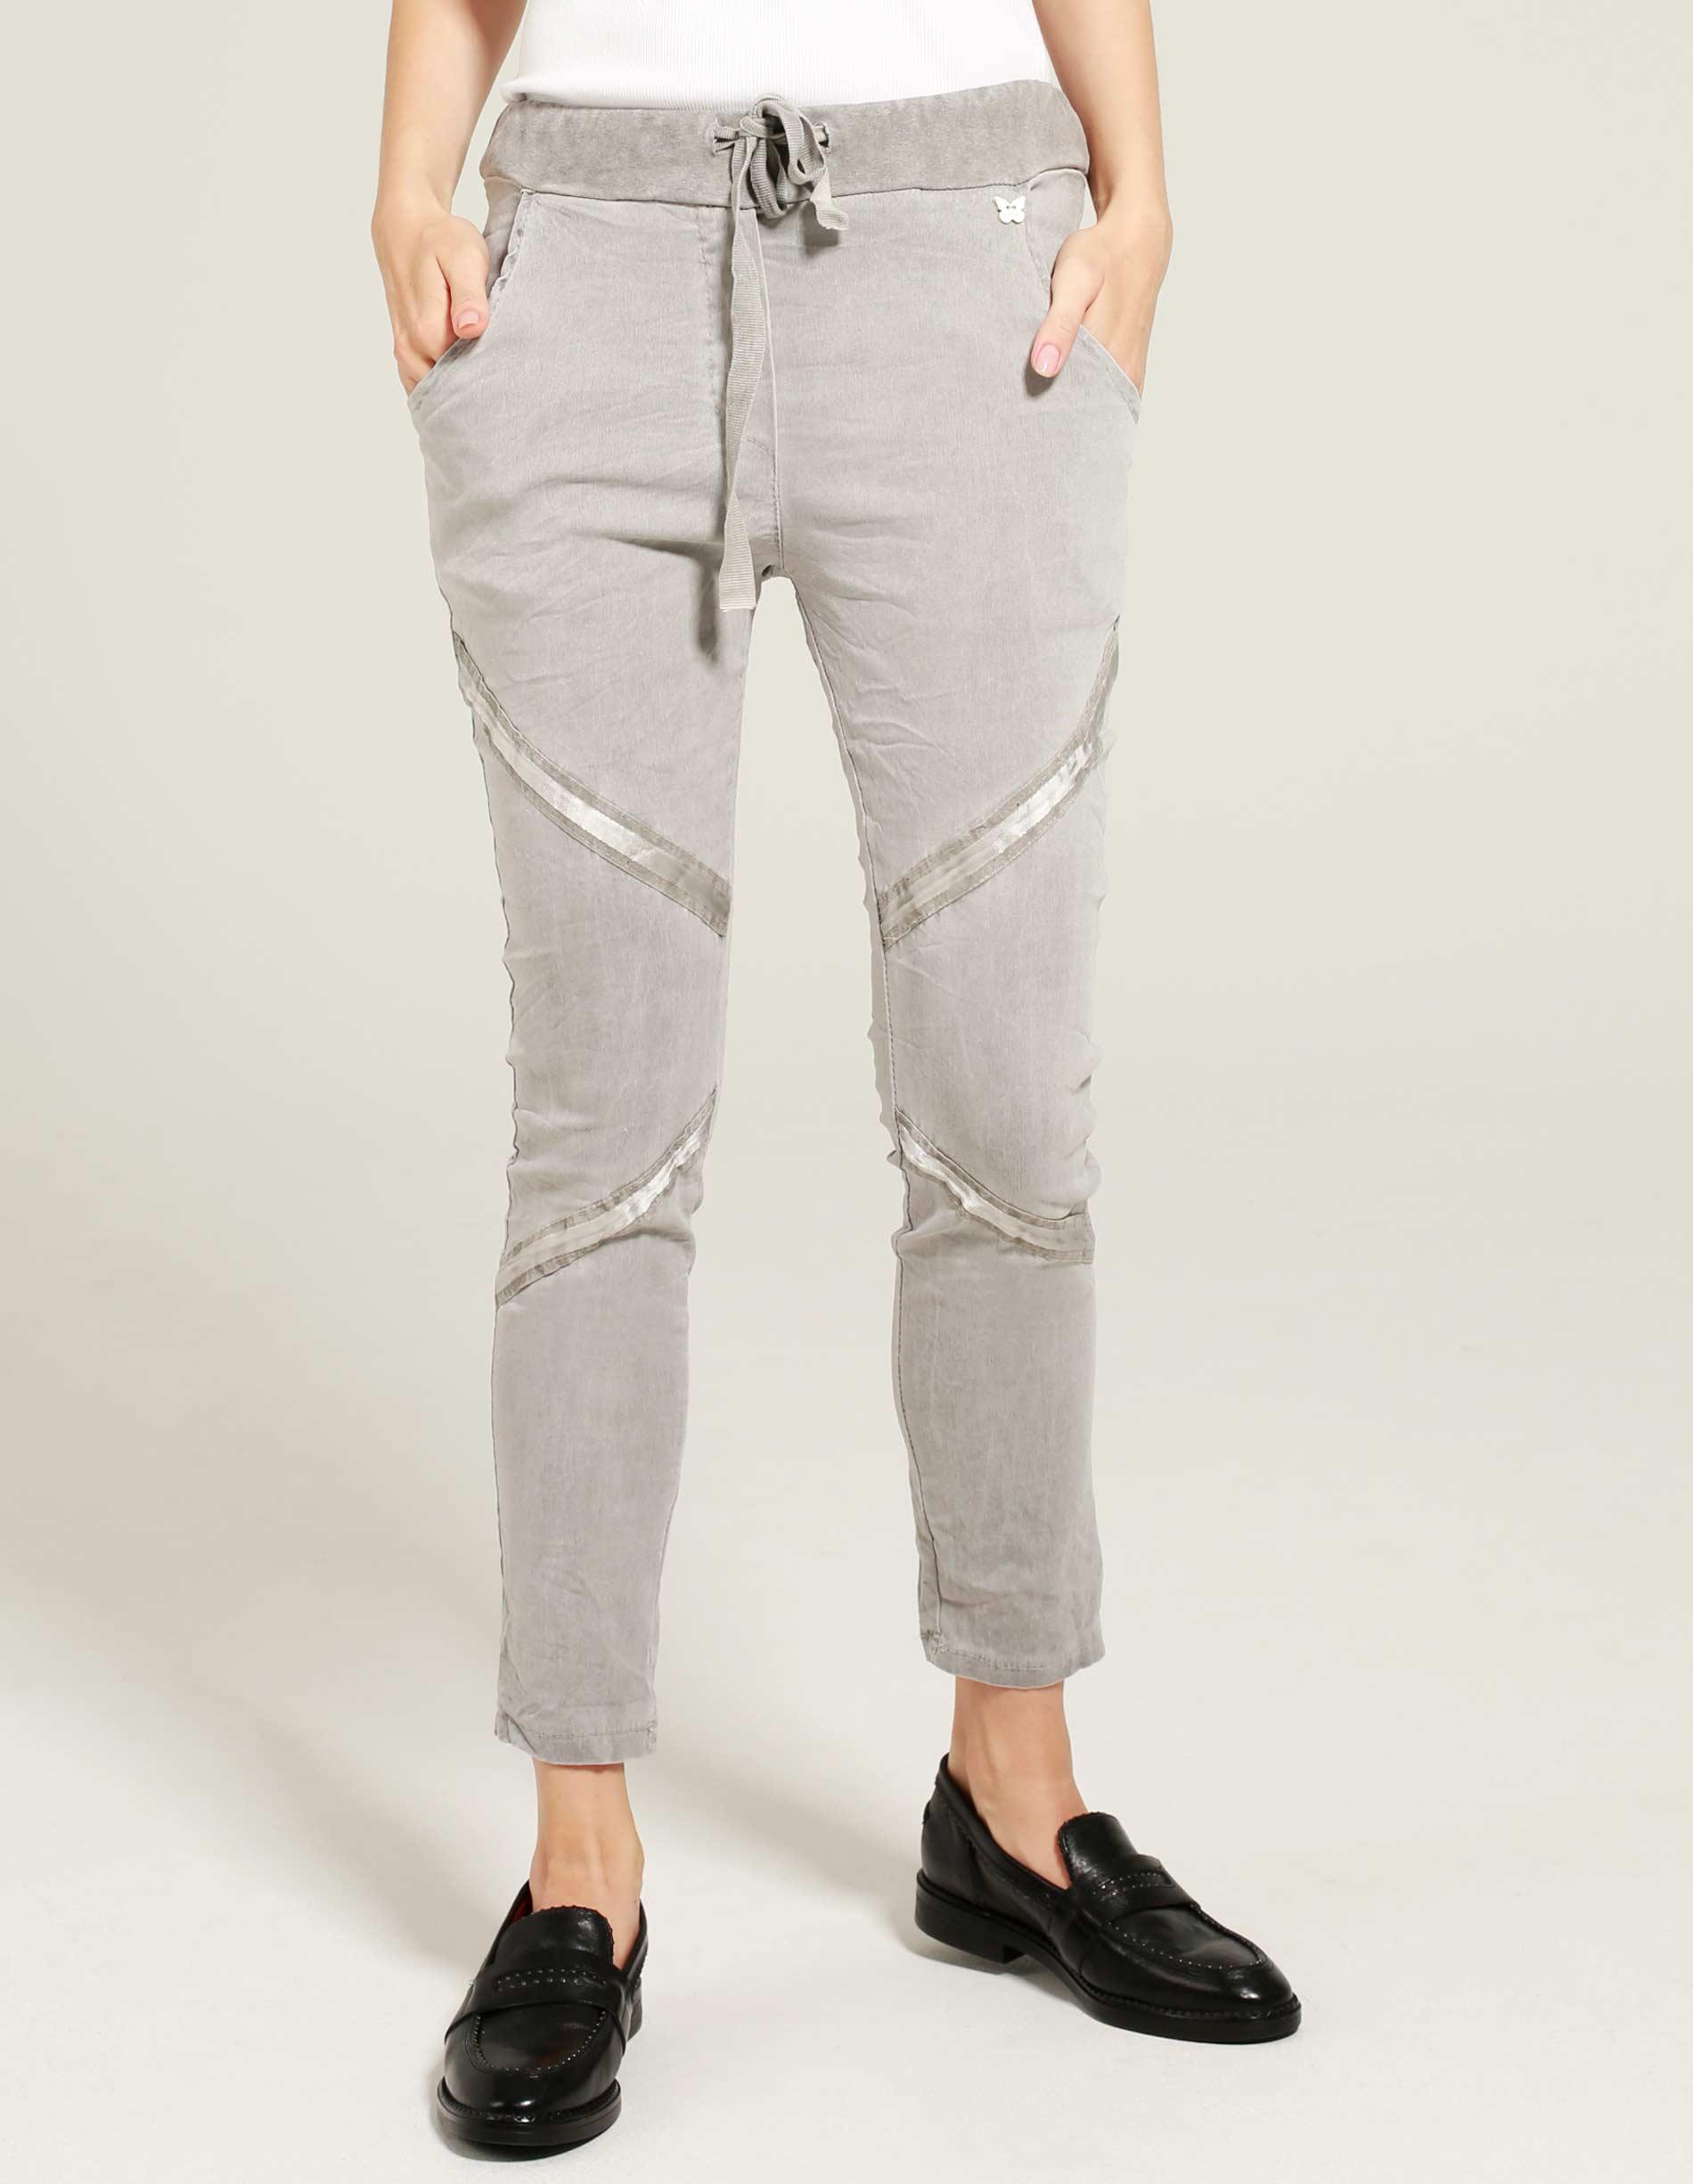 Spodnie - 141-8810 GRIG - Unisono